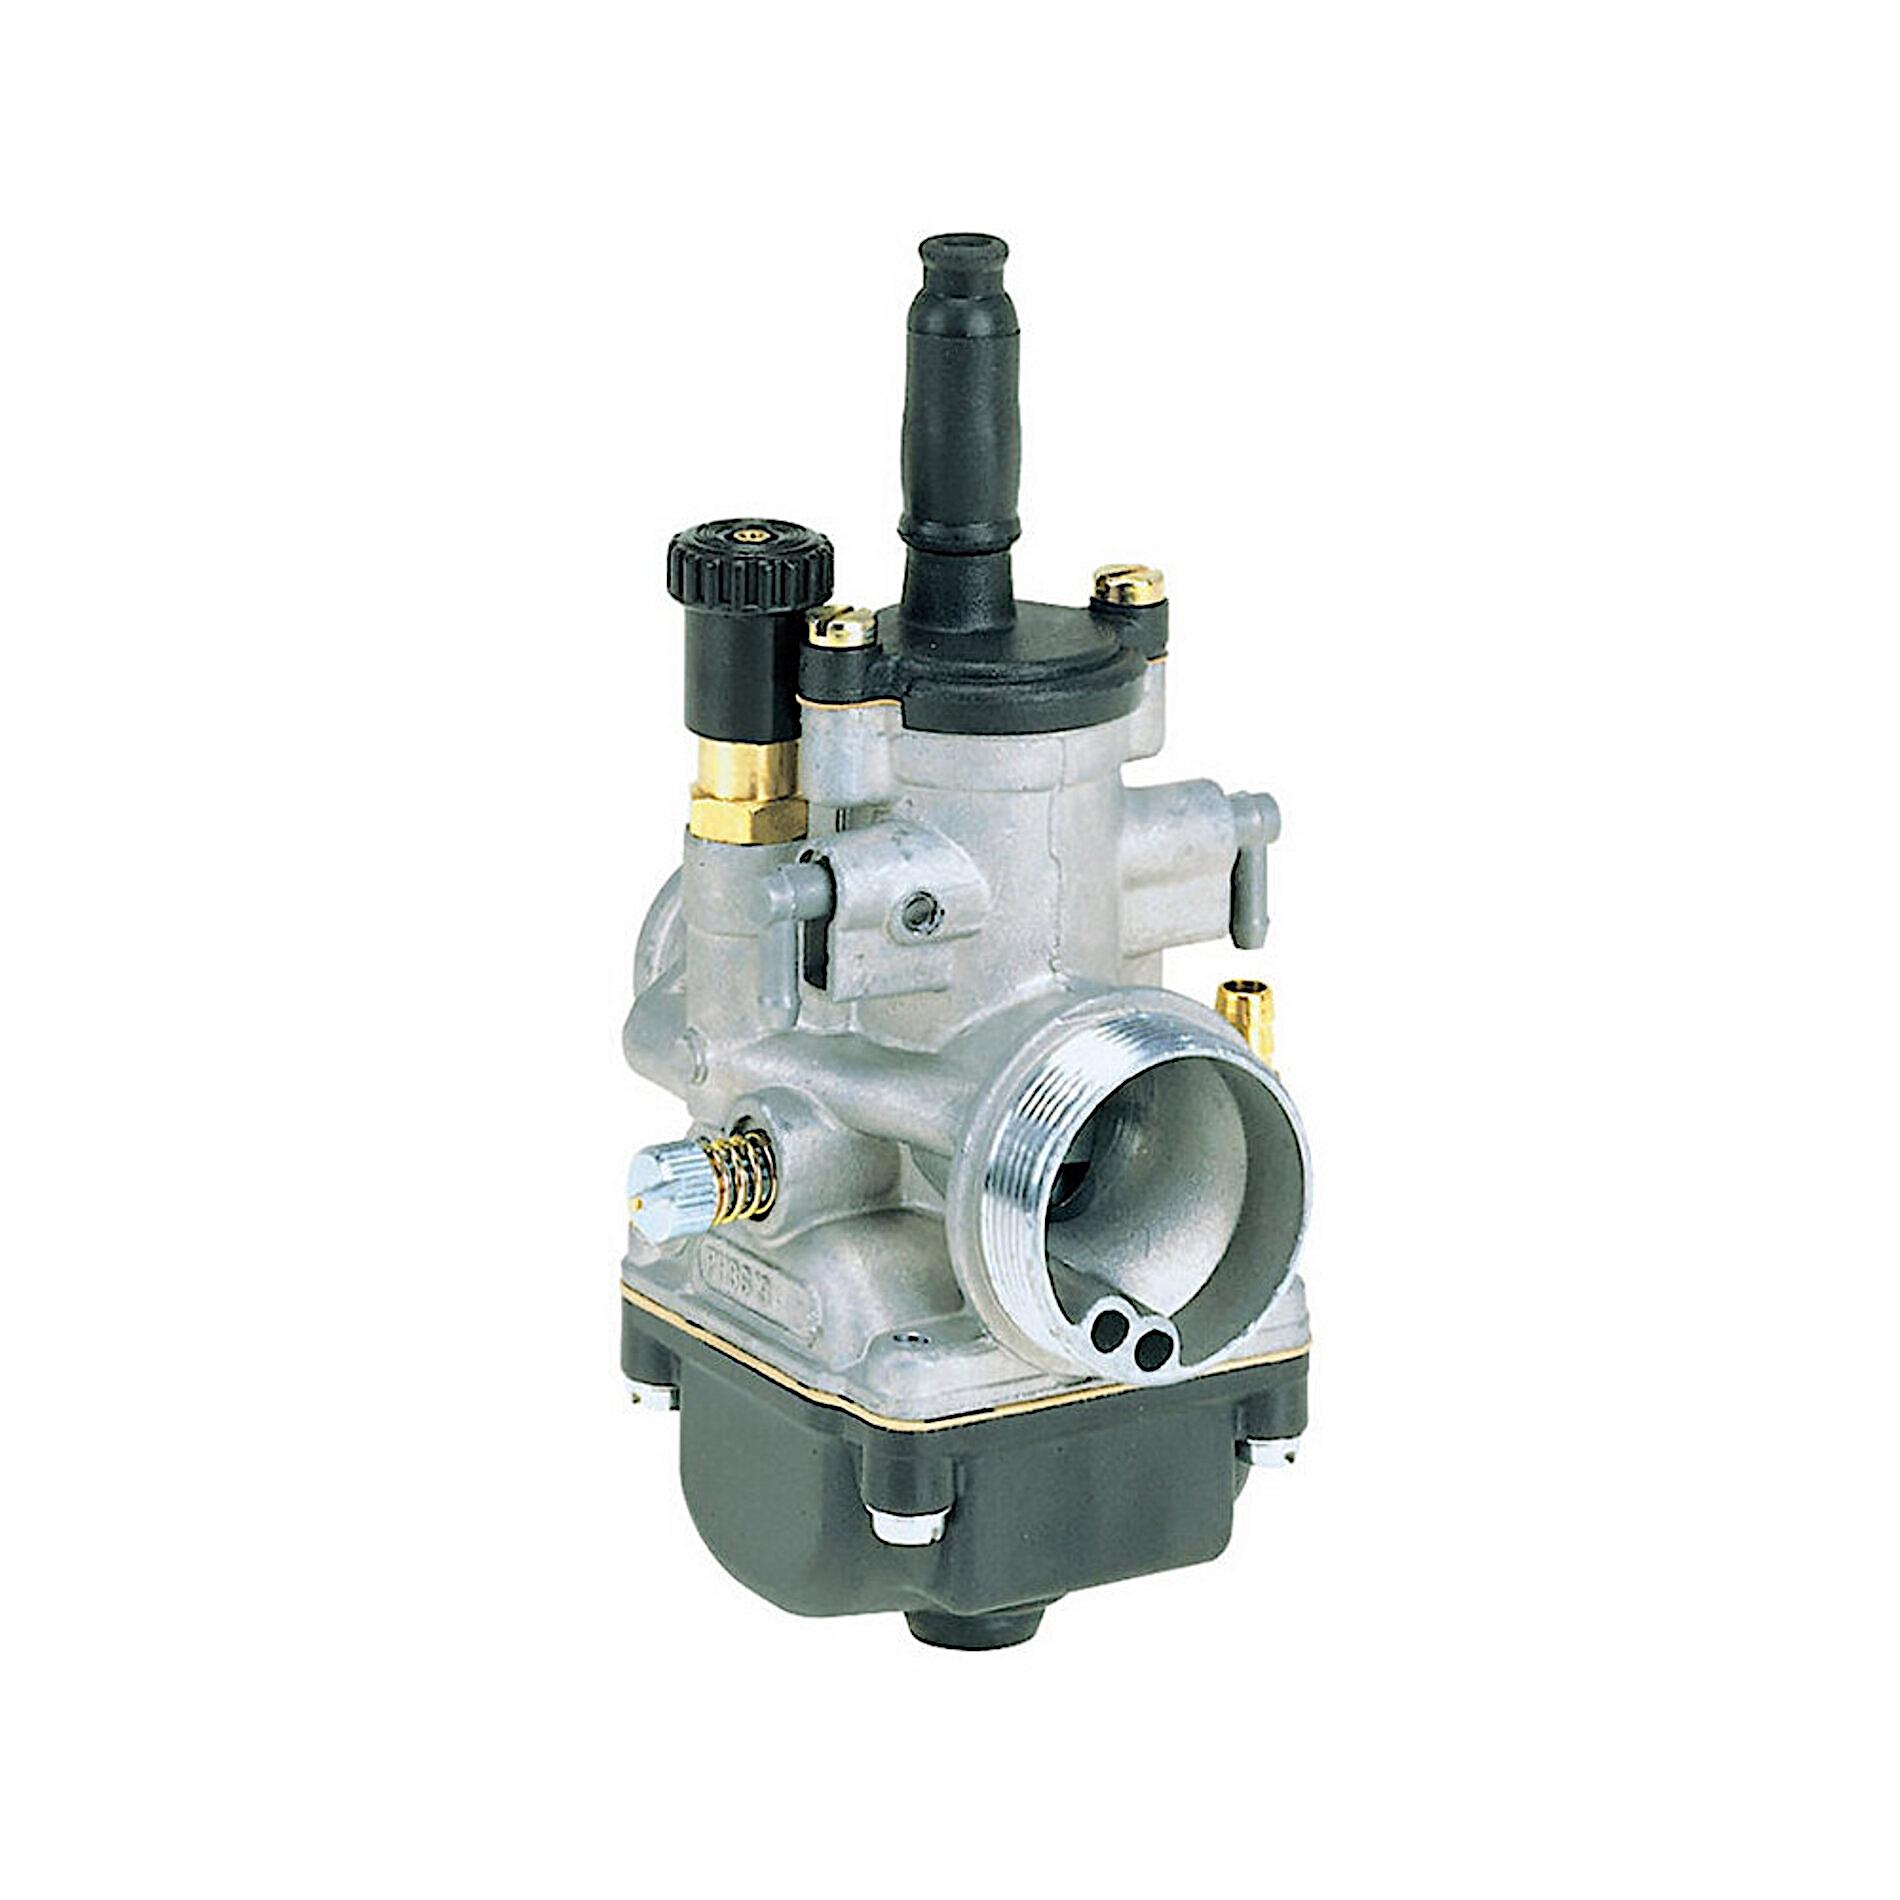 Carburateur Malossi 2648 PHBG 21 AS